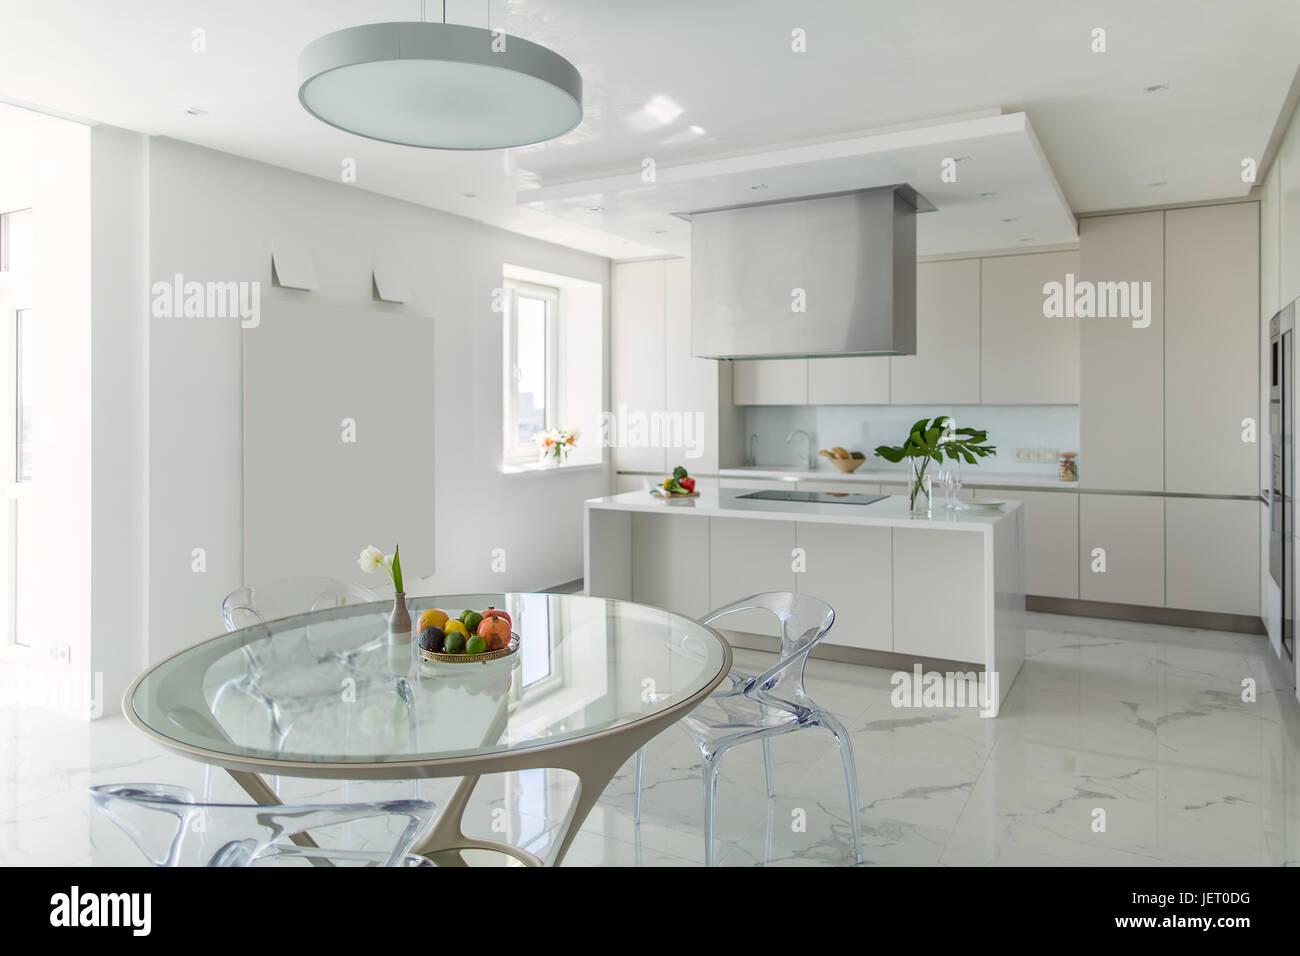 Cucina bianca con pavimento in piastrelle chiare ci sono